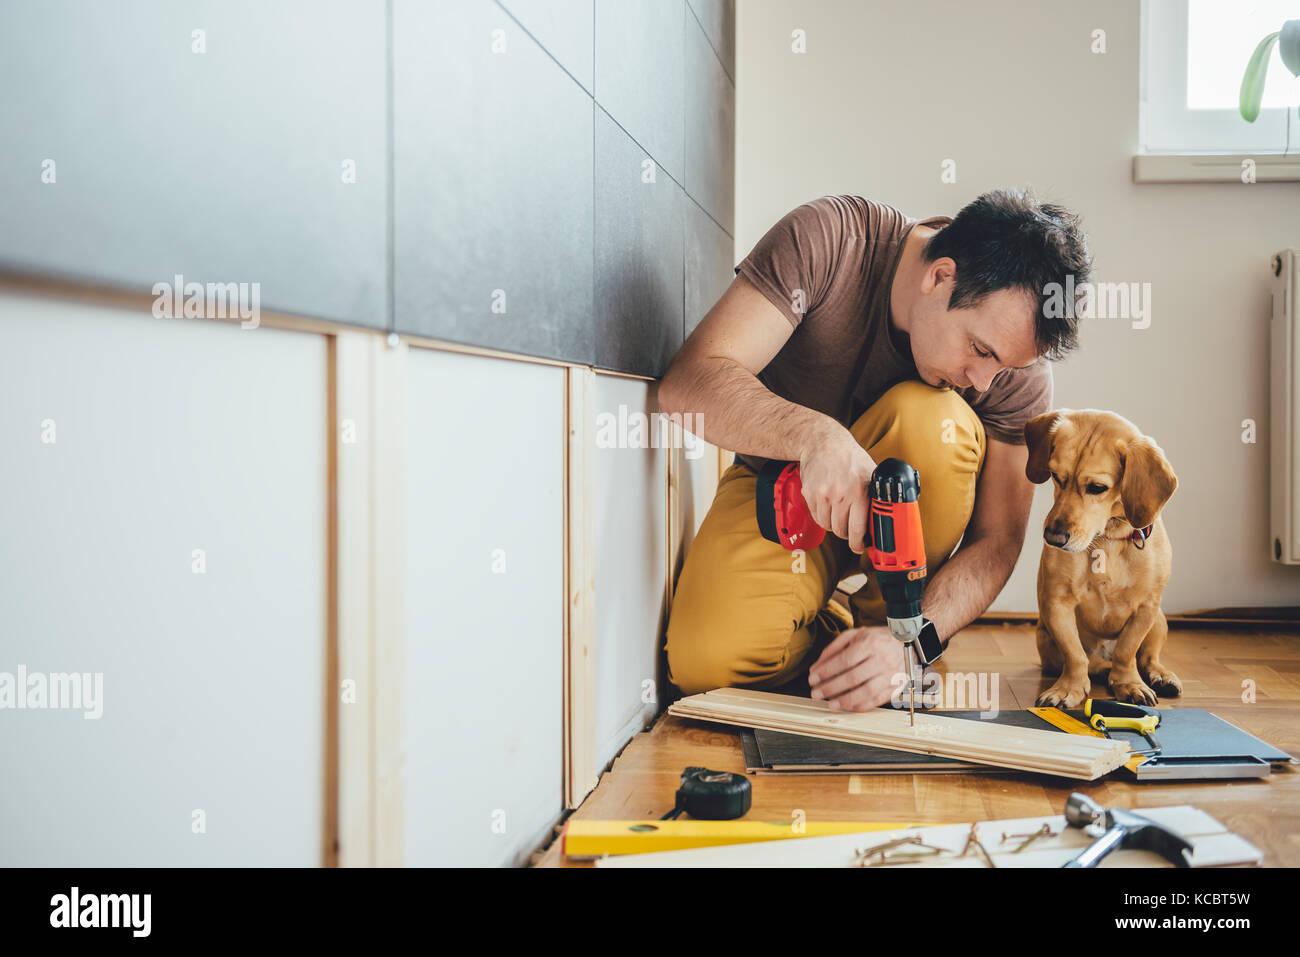 L'uomo facendo lavori di ristrutturazione a casa insieme con il suo piccolo cane giallo Immagini Stock